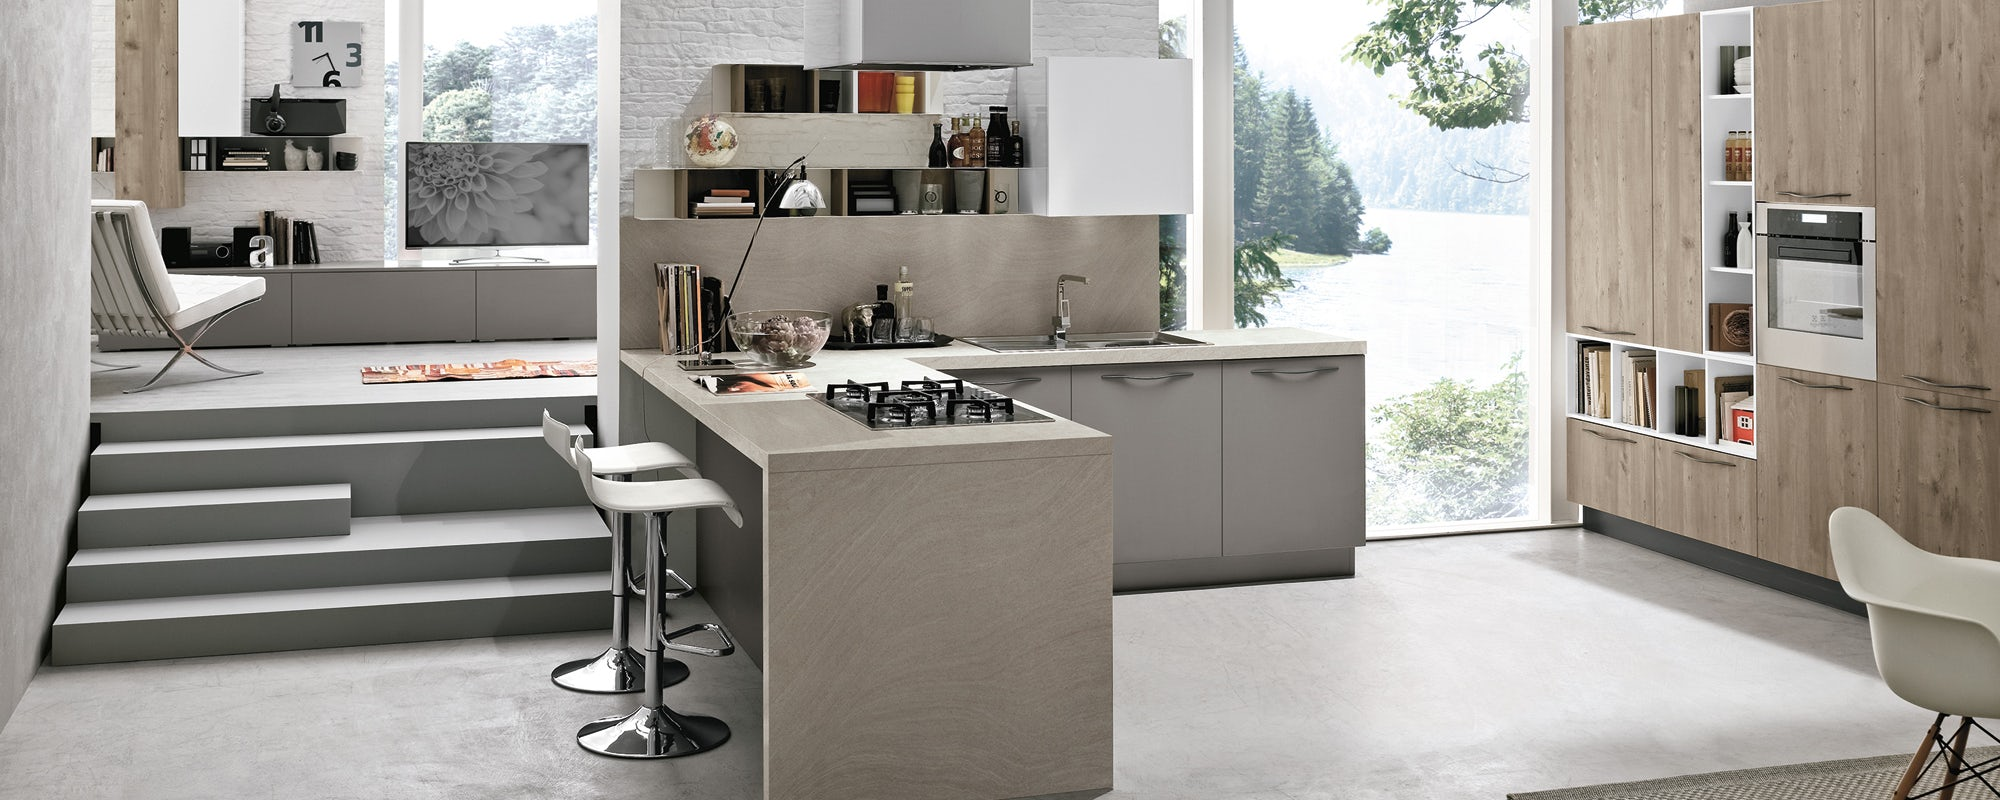 Espace cuisines Stosa Cucine - Habitat Casa